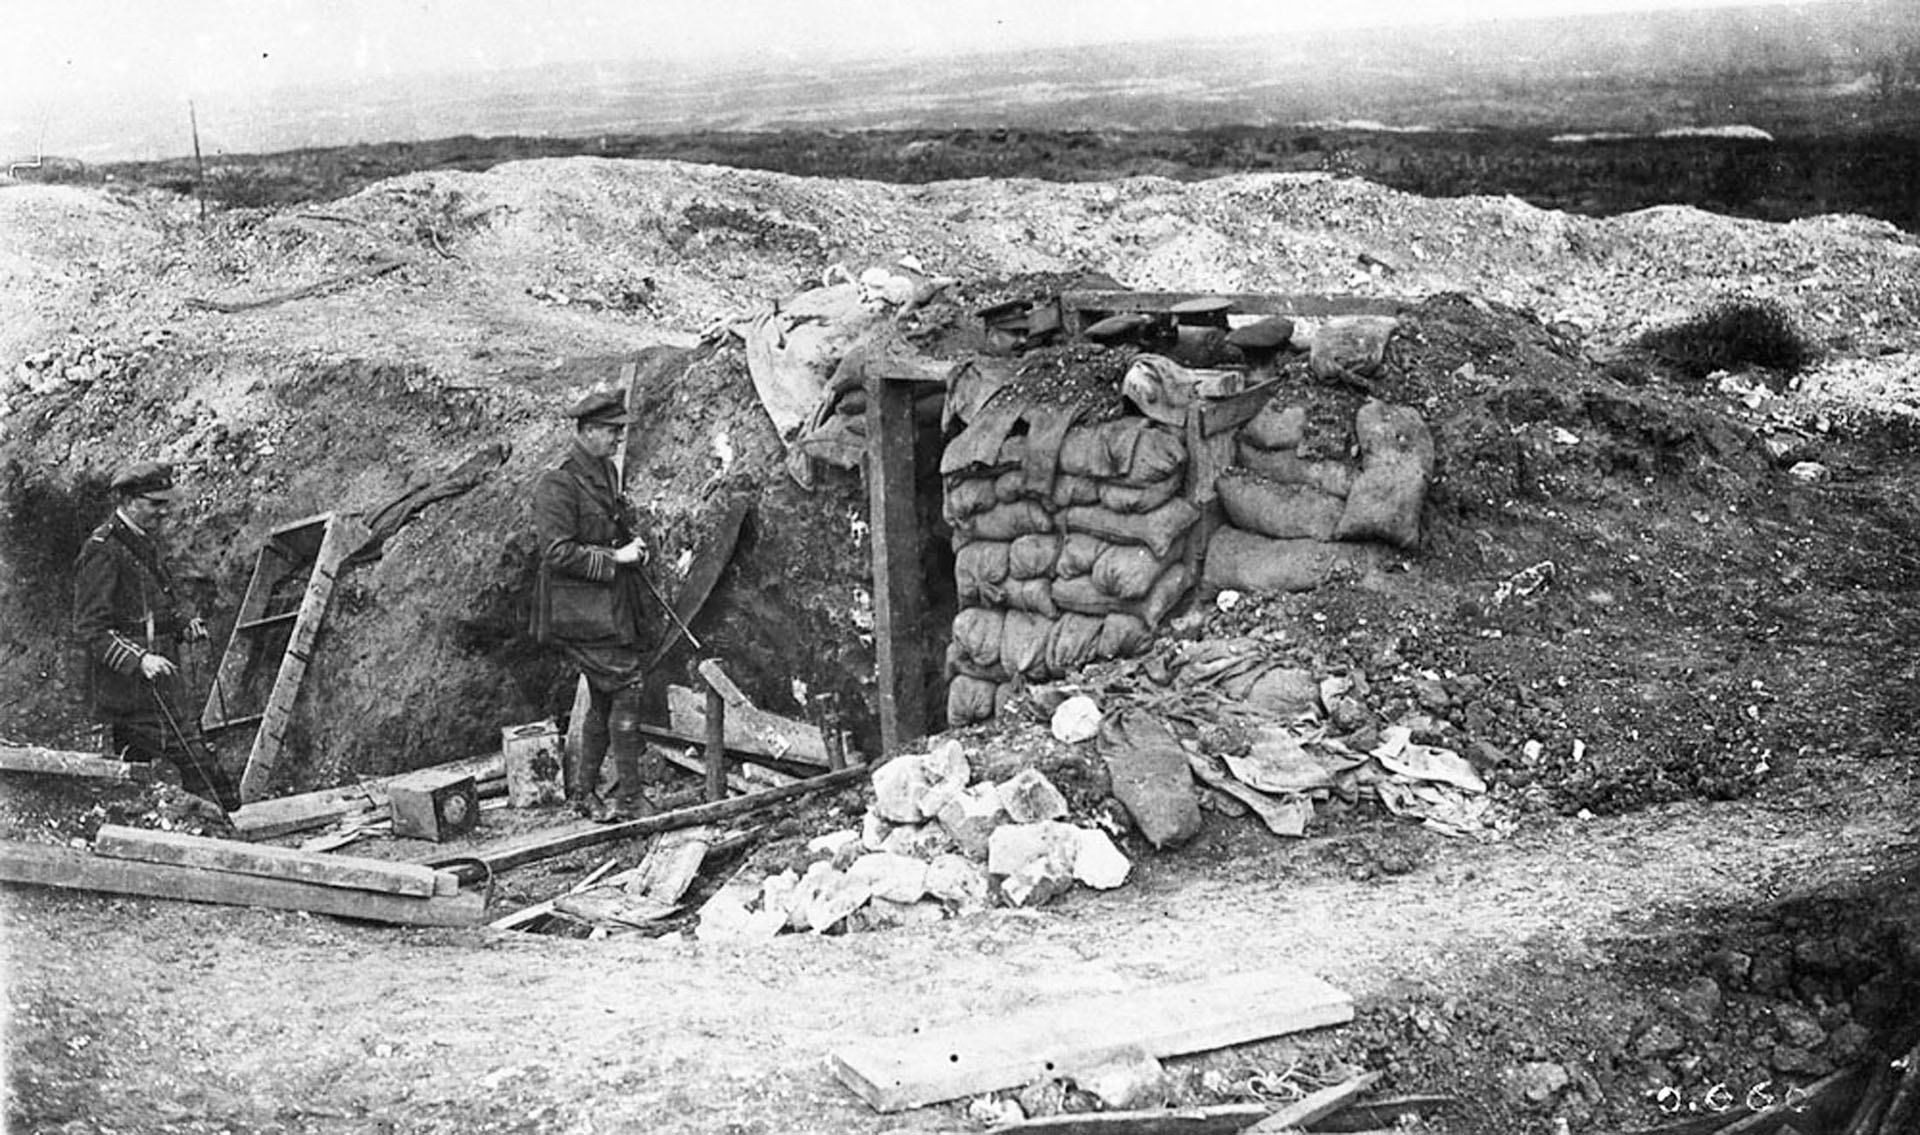 En pocas horas murieron cerca de 20.000 ingleses. Al finalizar el primer día de la batalla, otros 40.000 más habían sido heridos, hechos prisioneros o, simplemente, dados por desaparecidos (Reuters)